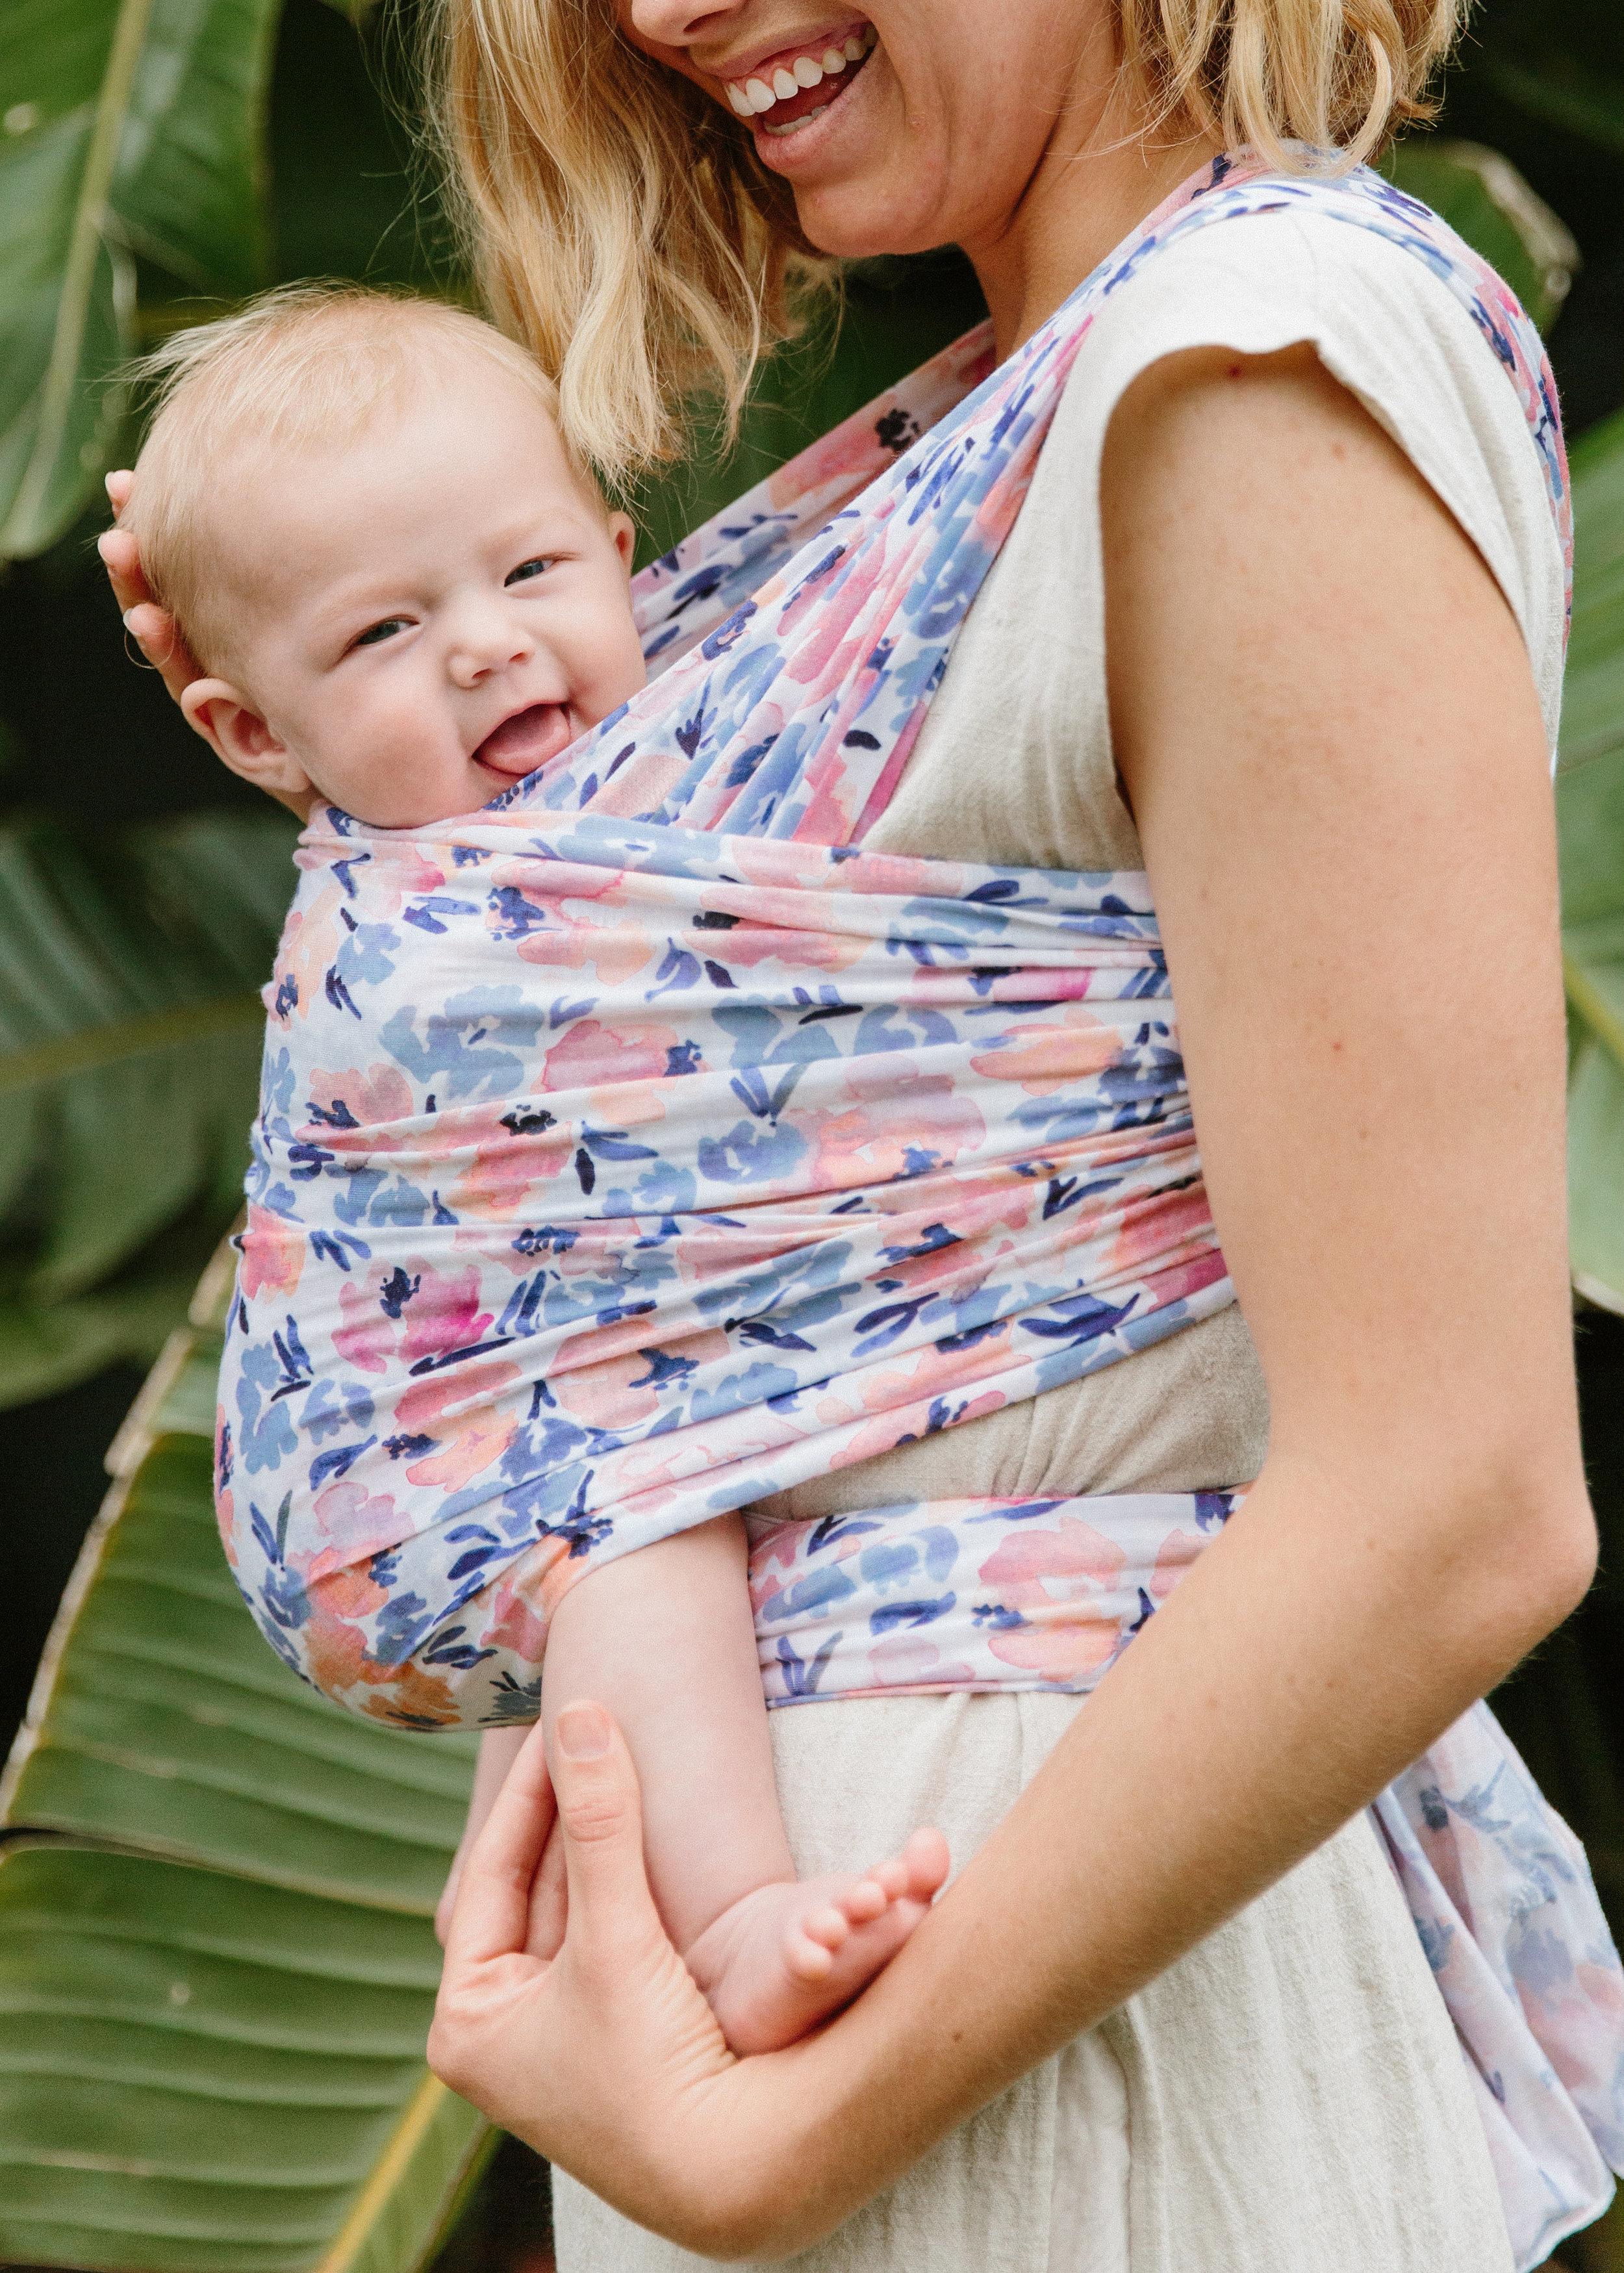 solly-baby_caitlin-wilson_leah-bradley_nicki-sebastian-photography-128.jpg